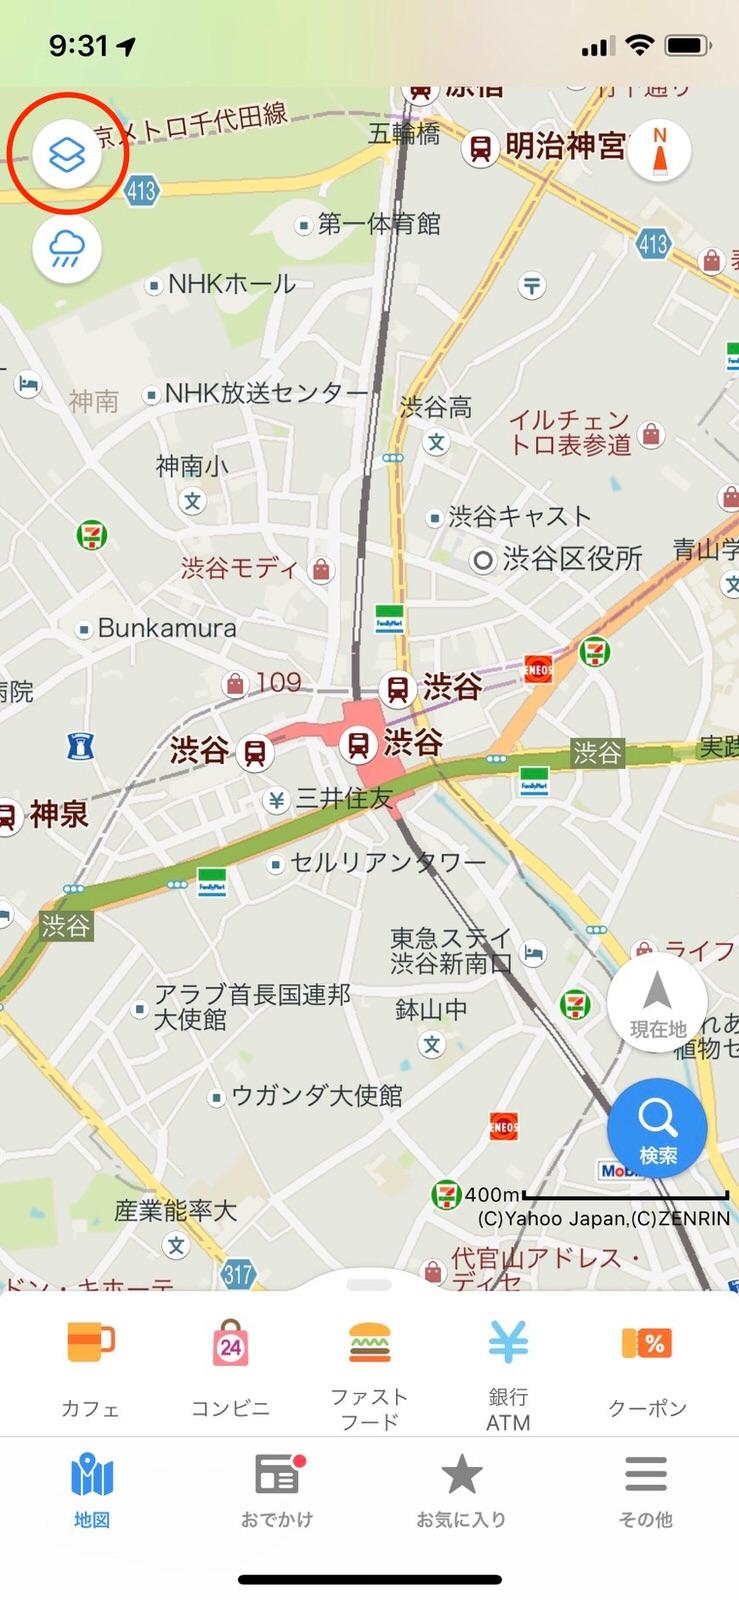 yahoo-map-bousai-3